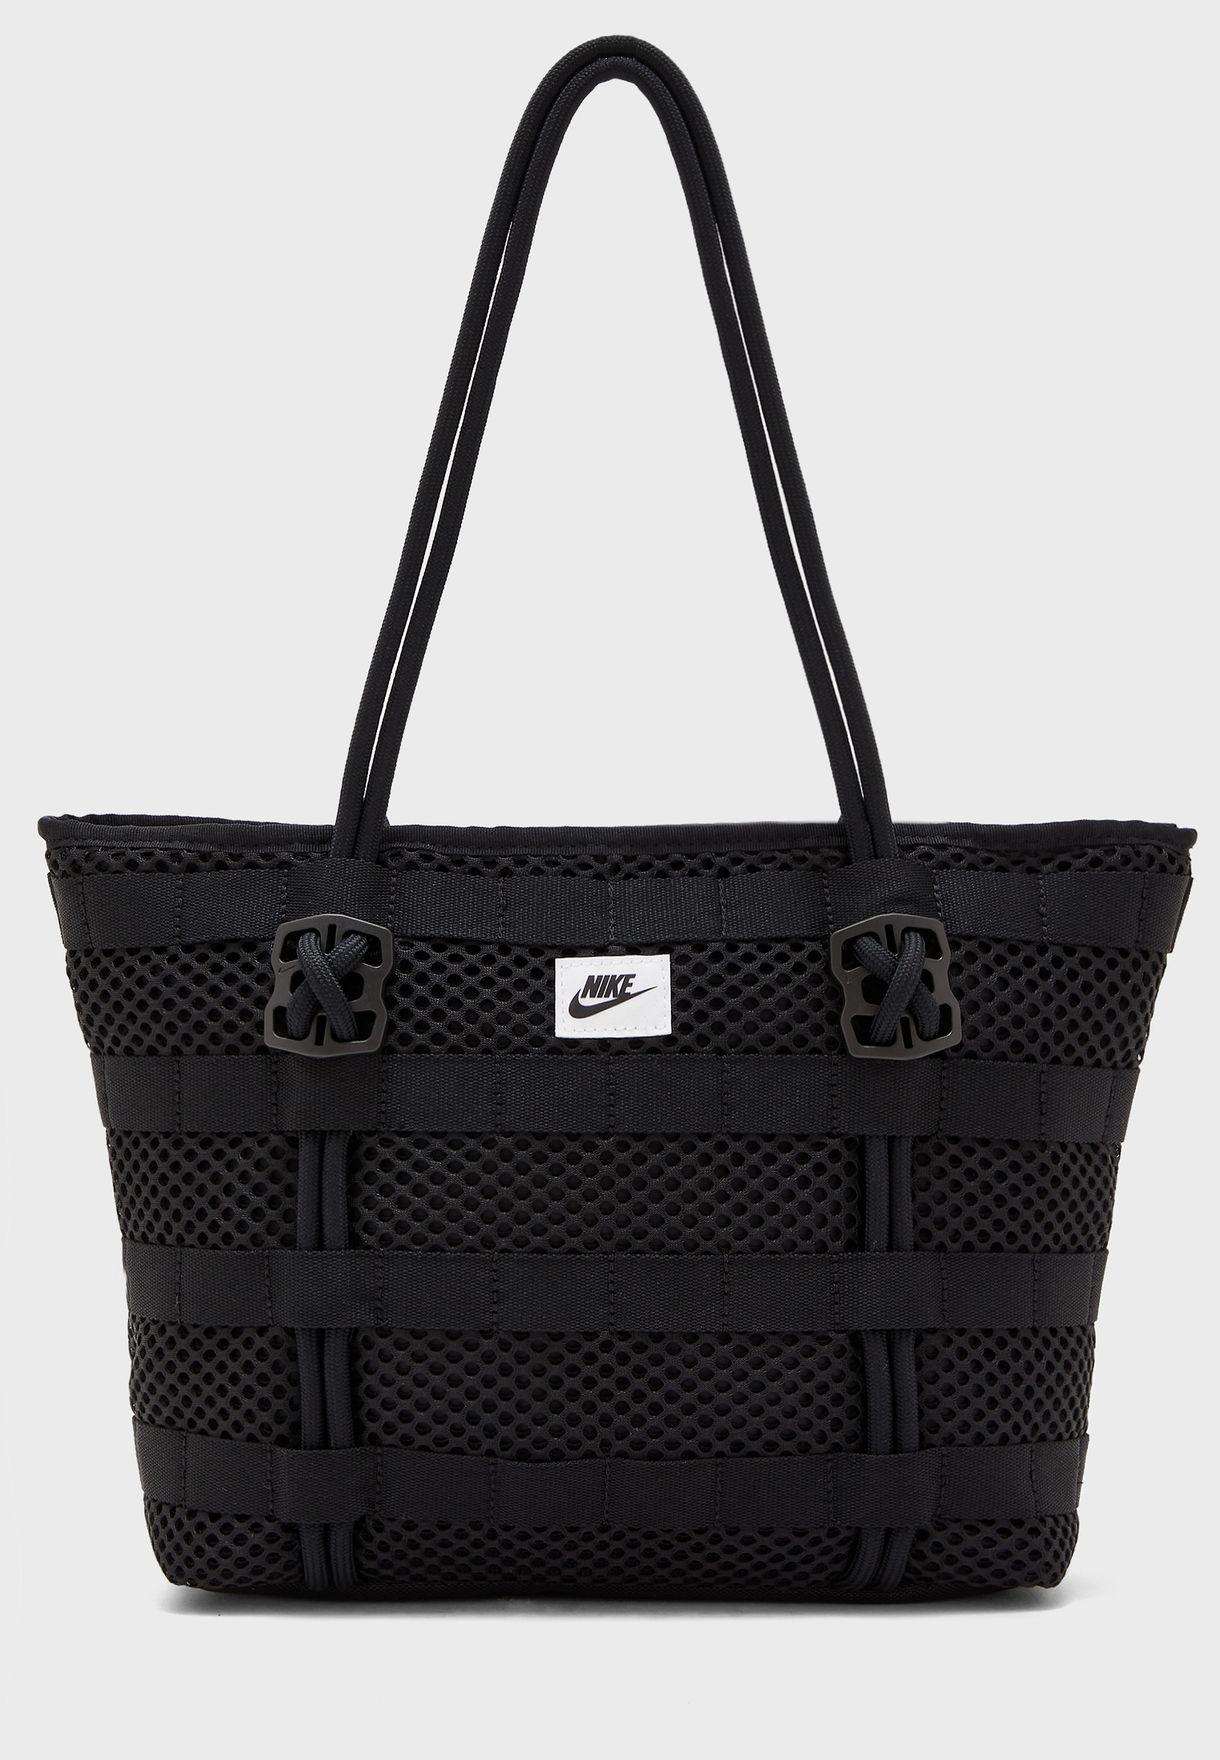 حقيبة تسوق سمول اير